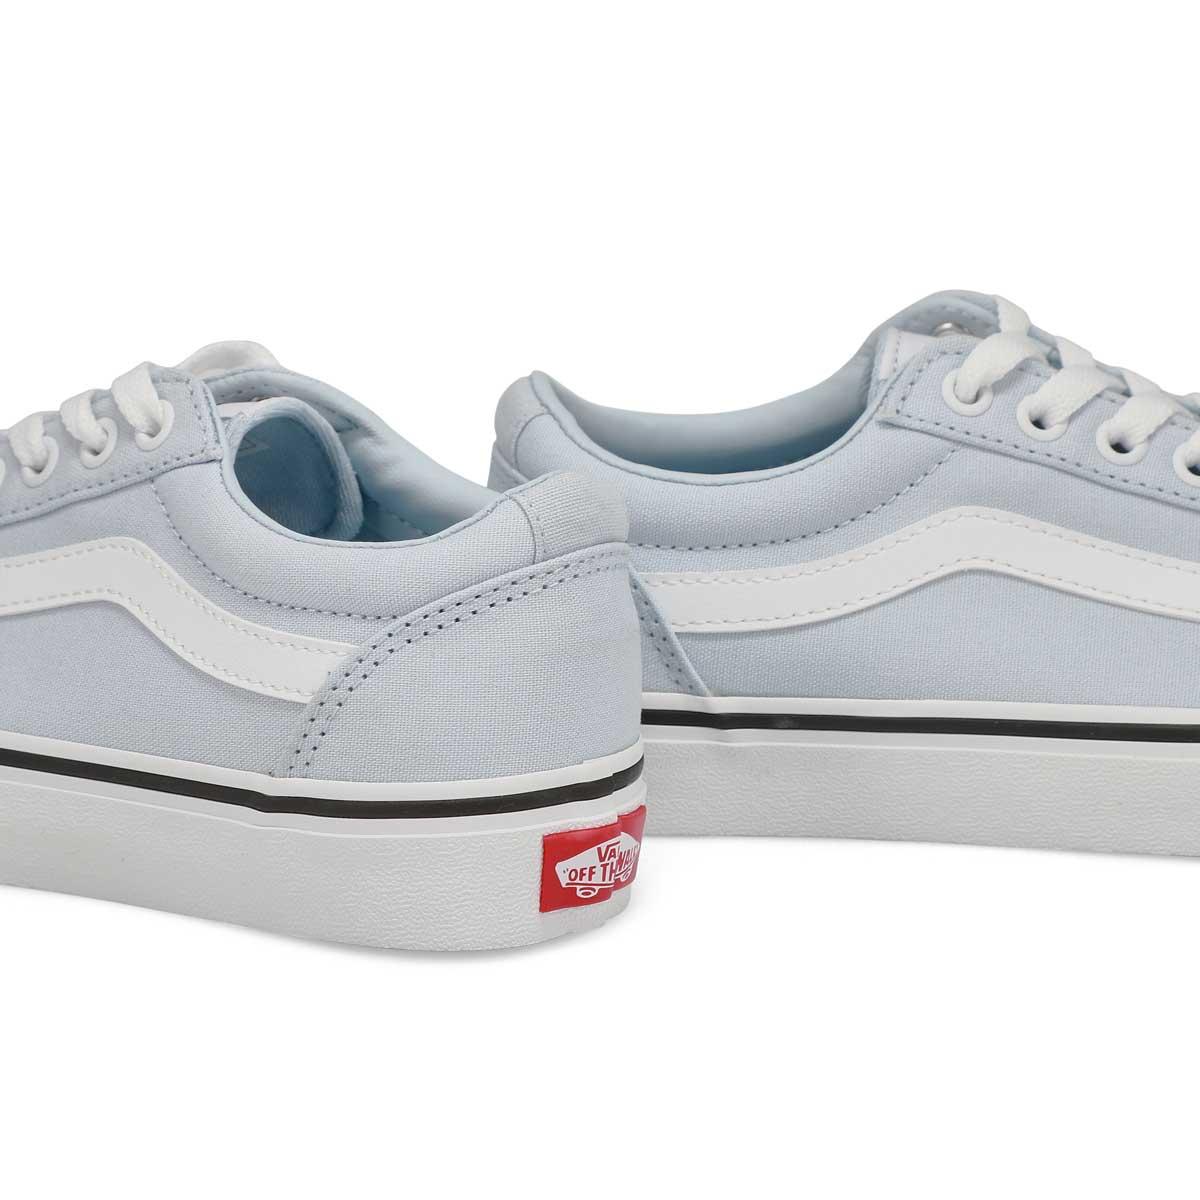 Women's Ward Sneaker - Ballad Blue/White